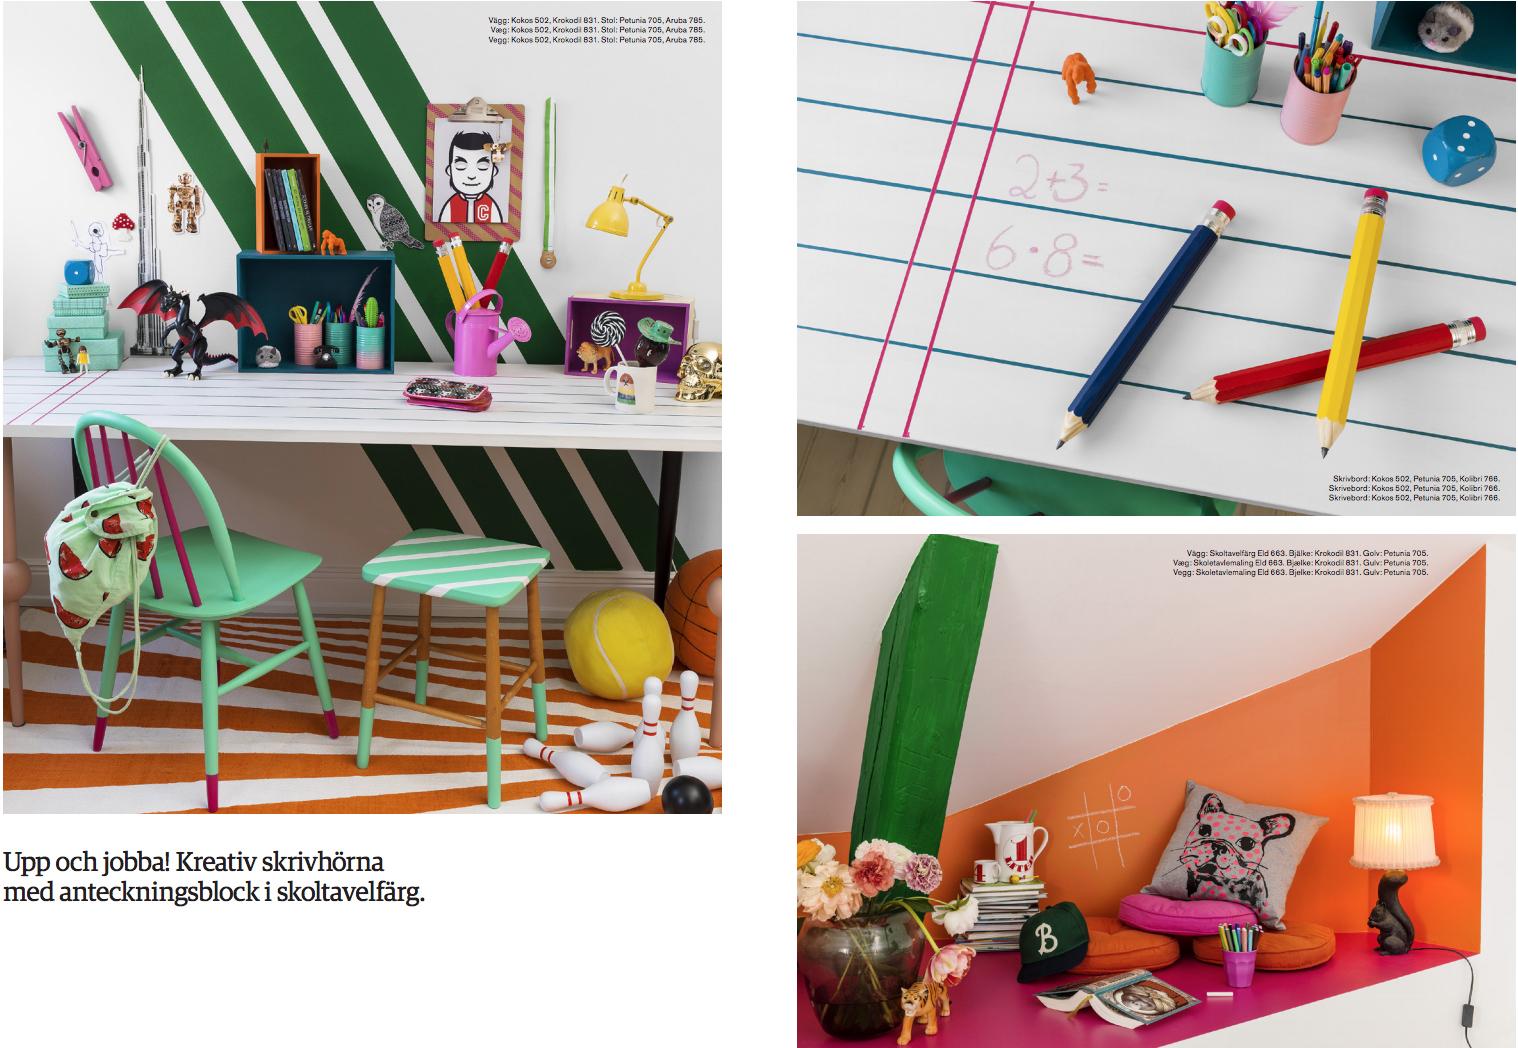 Beckers skoltavelfärg och ny färgkarta för barnen - fixaodona.se